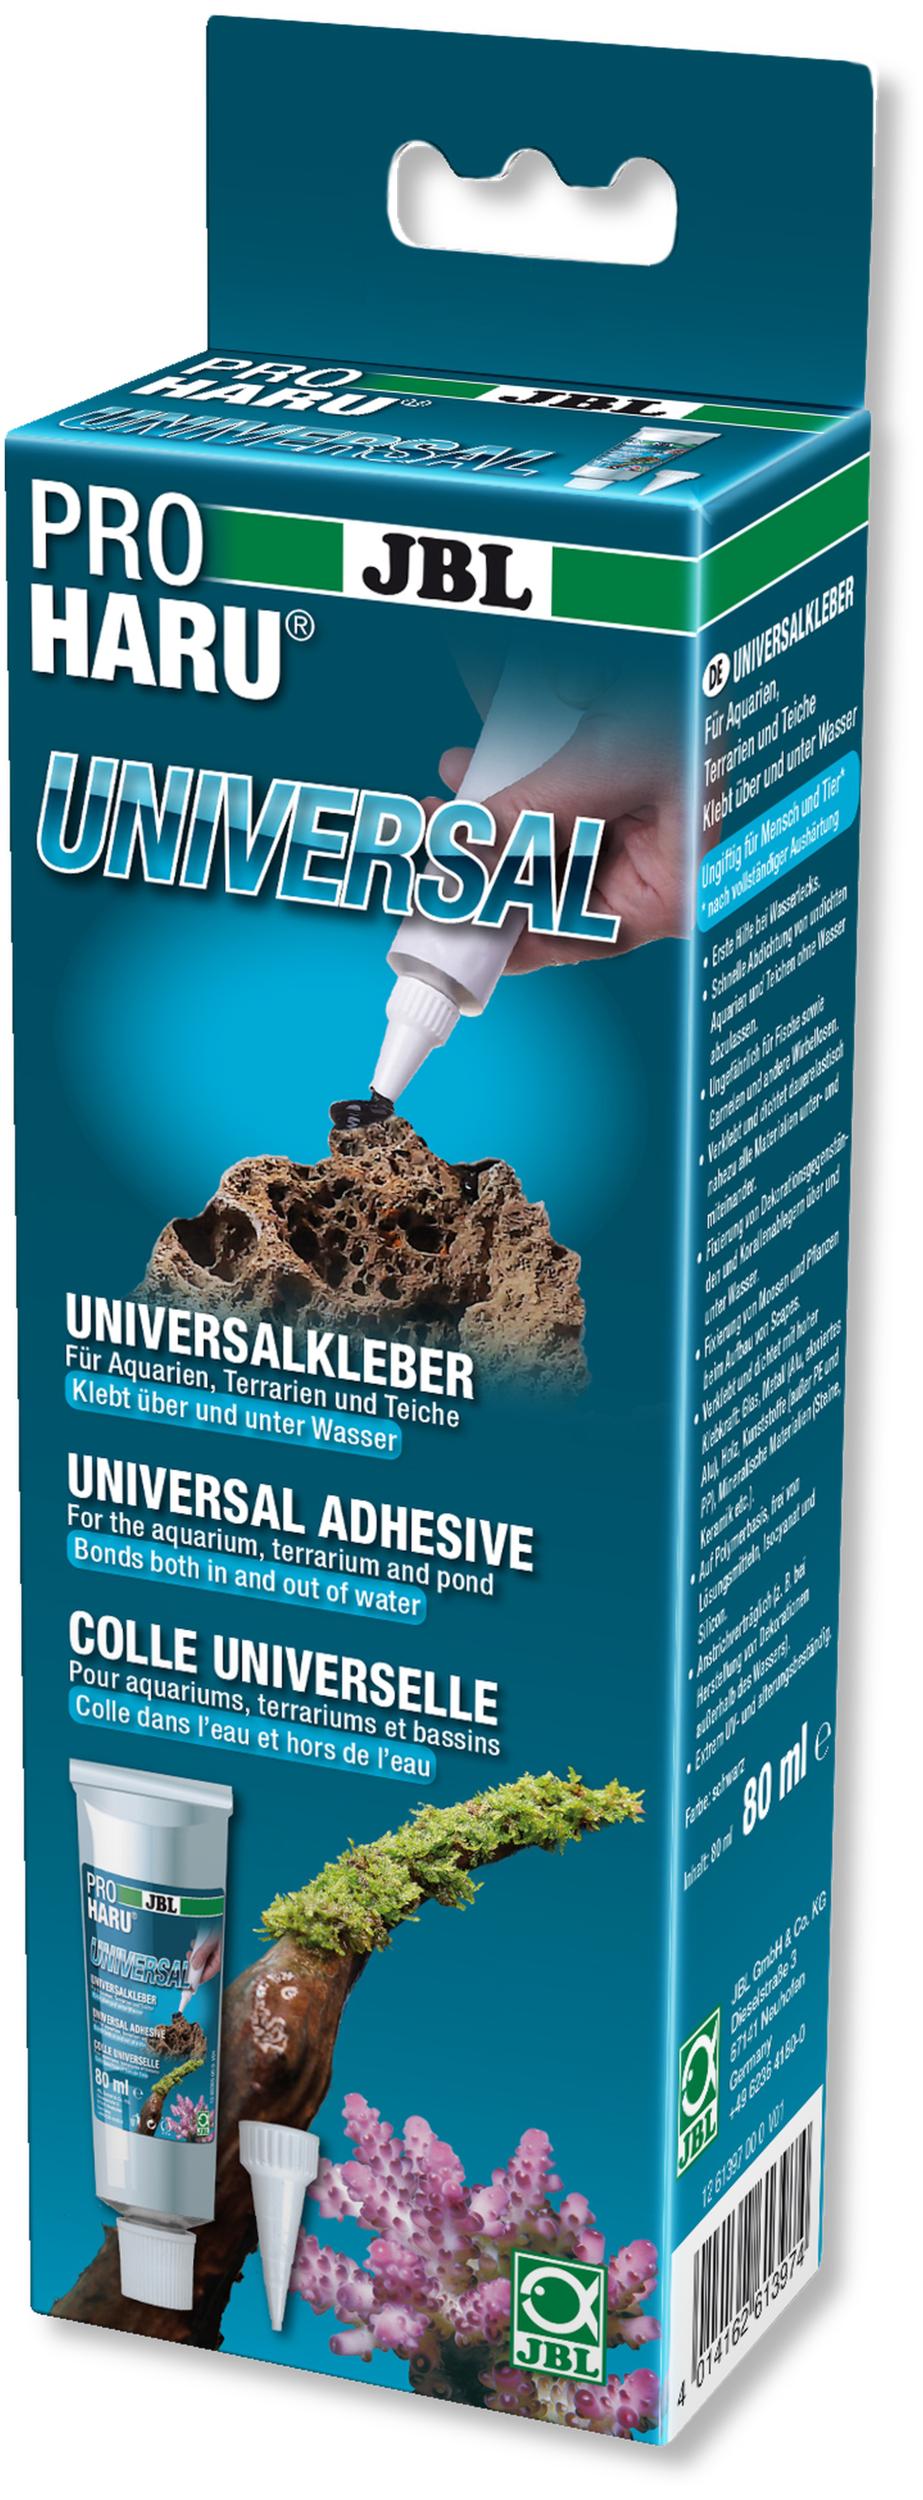 JBL ProHaru Universal 80 ml colle universelle haute adhérence pour aquarium, terrarium et bassin